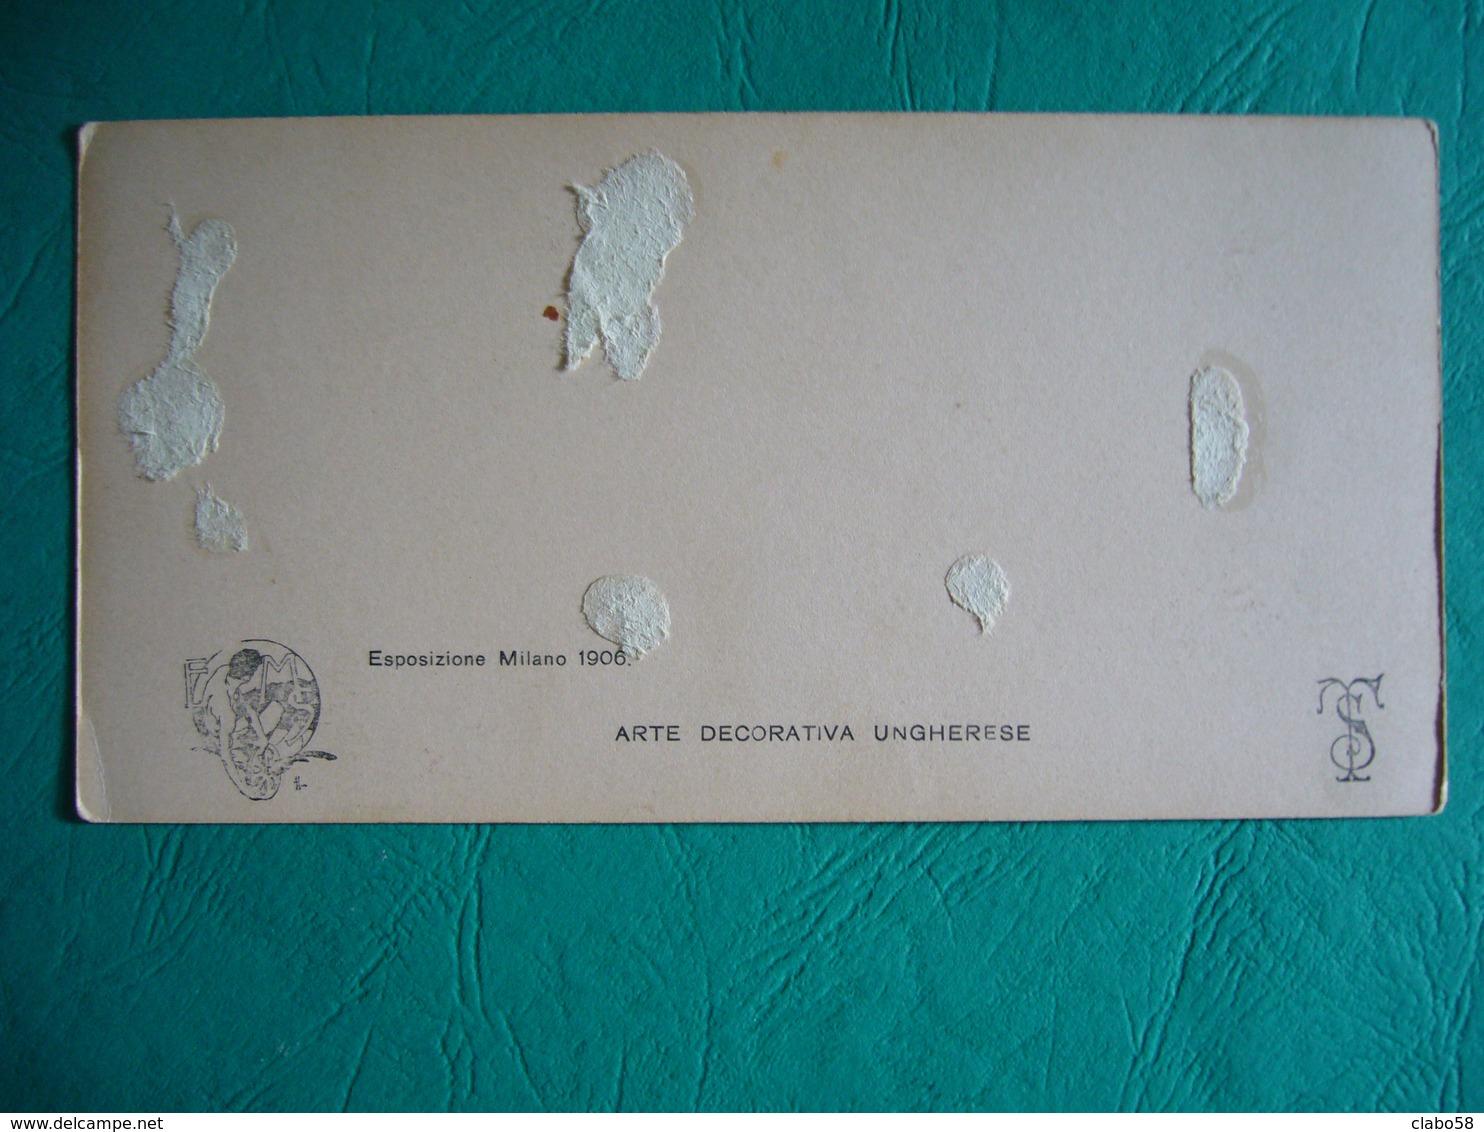 ESPOSIZIONE MILANO 1905  FOTO STEREOSCOPIO   ARTE DECORATIVA UNGHERESE - Stereoscopio